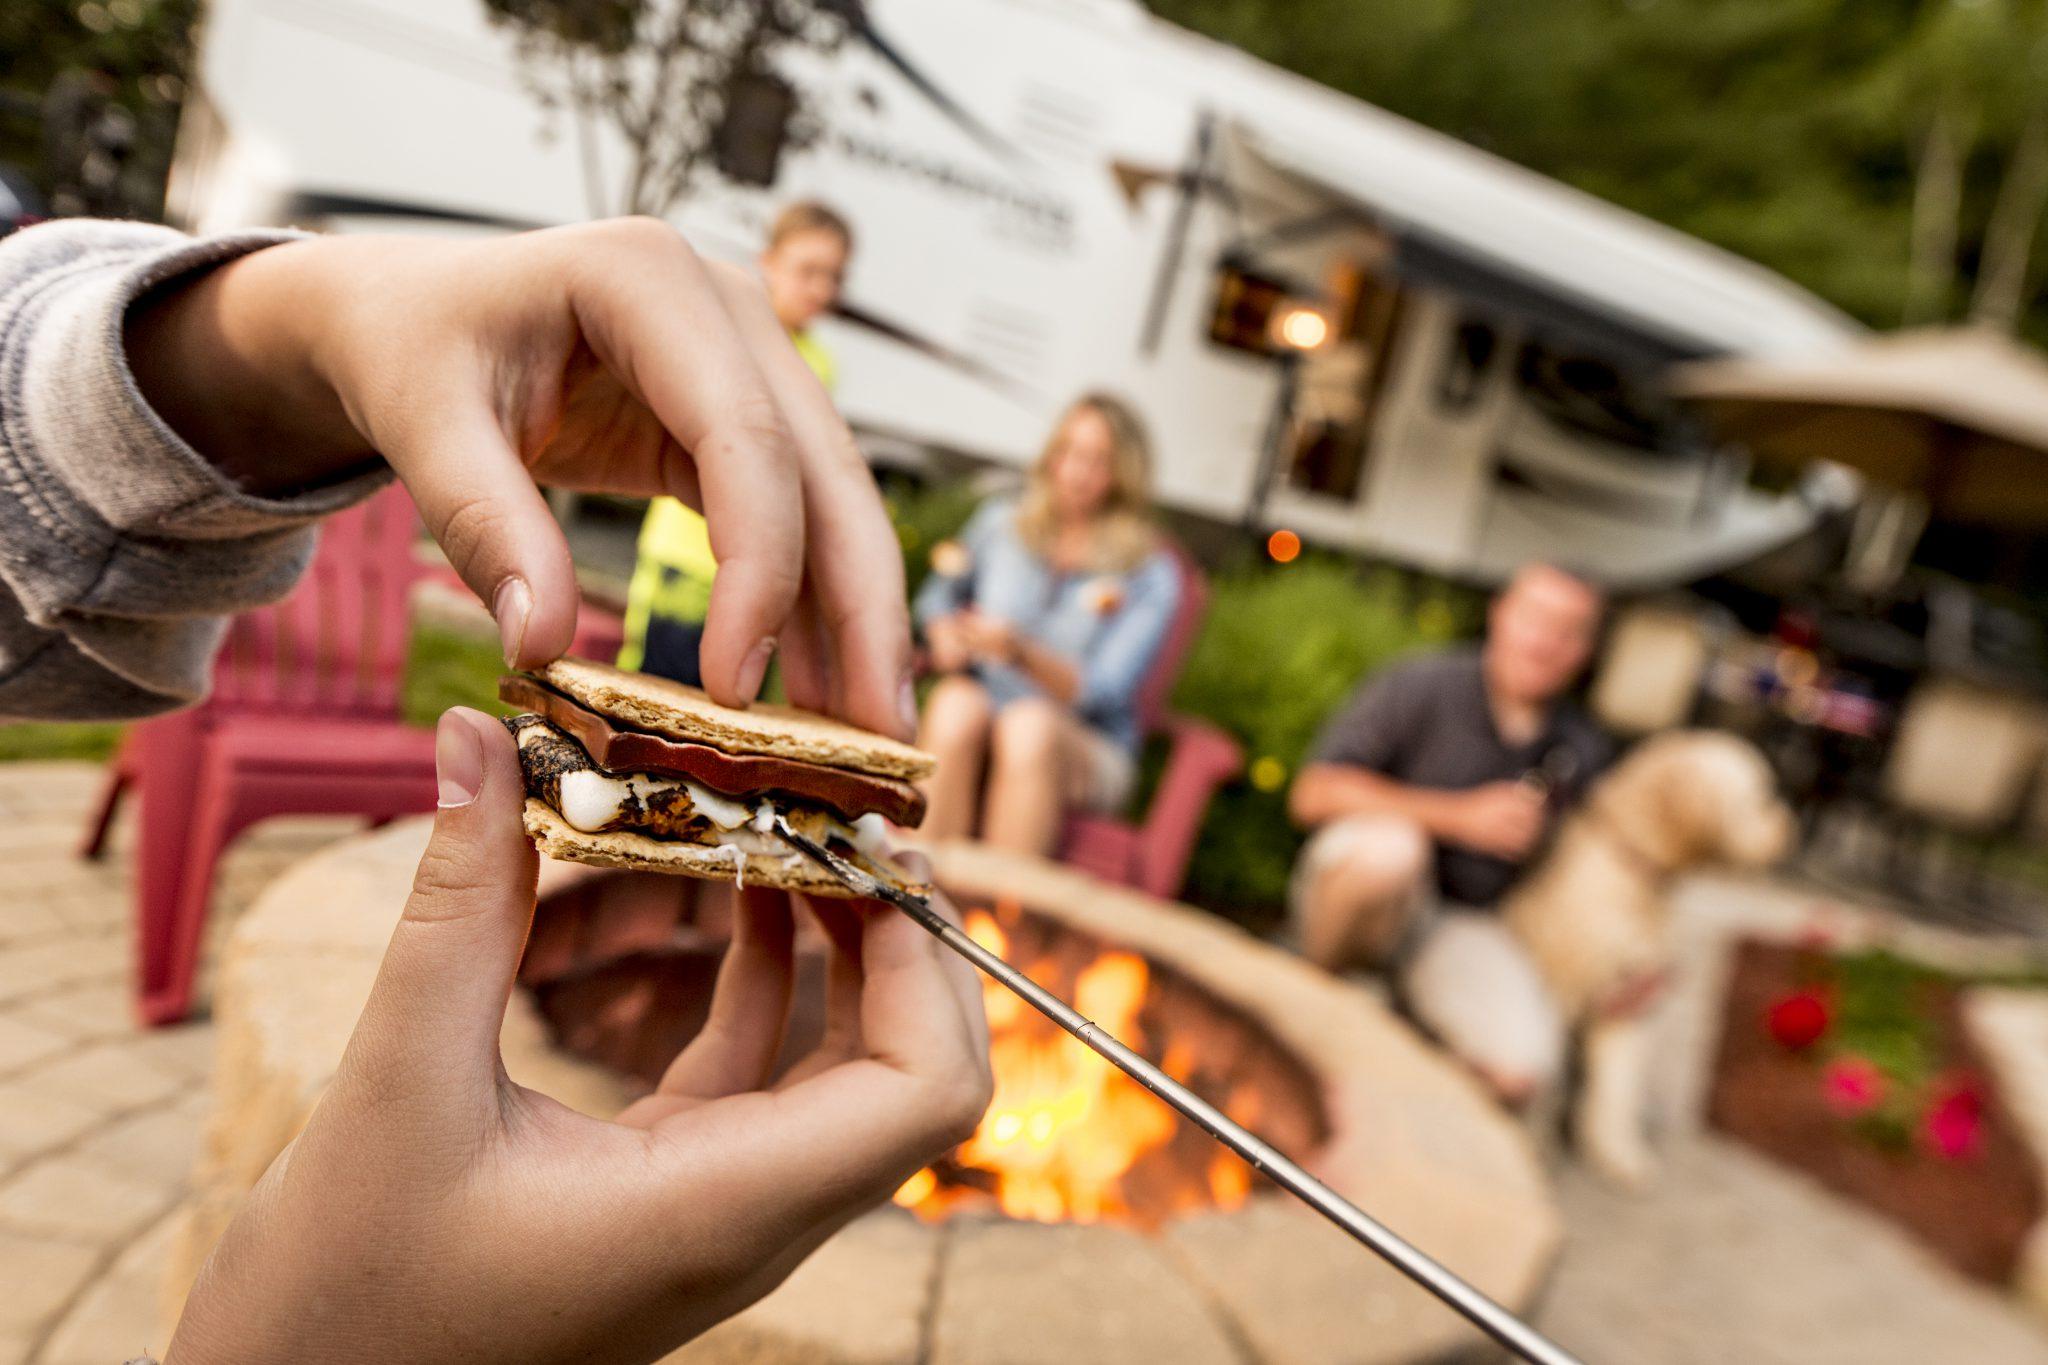 Campfires mean Smore's